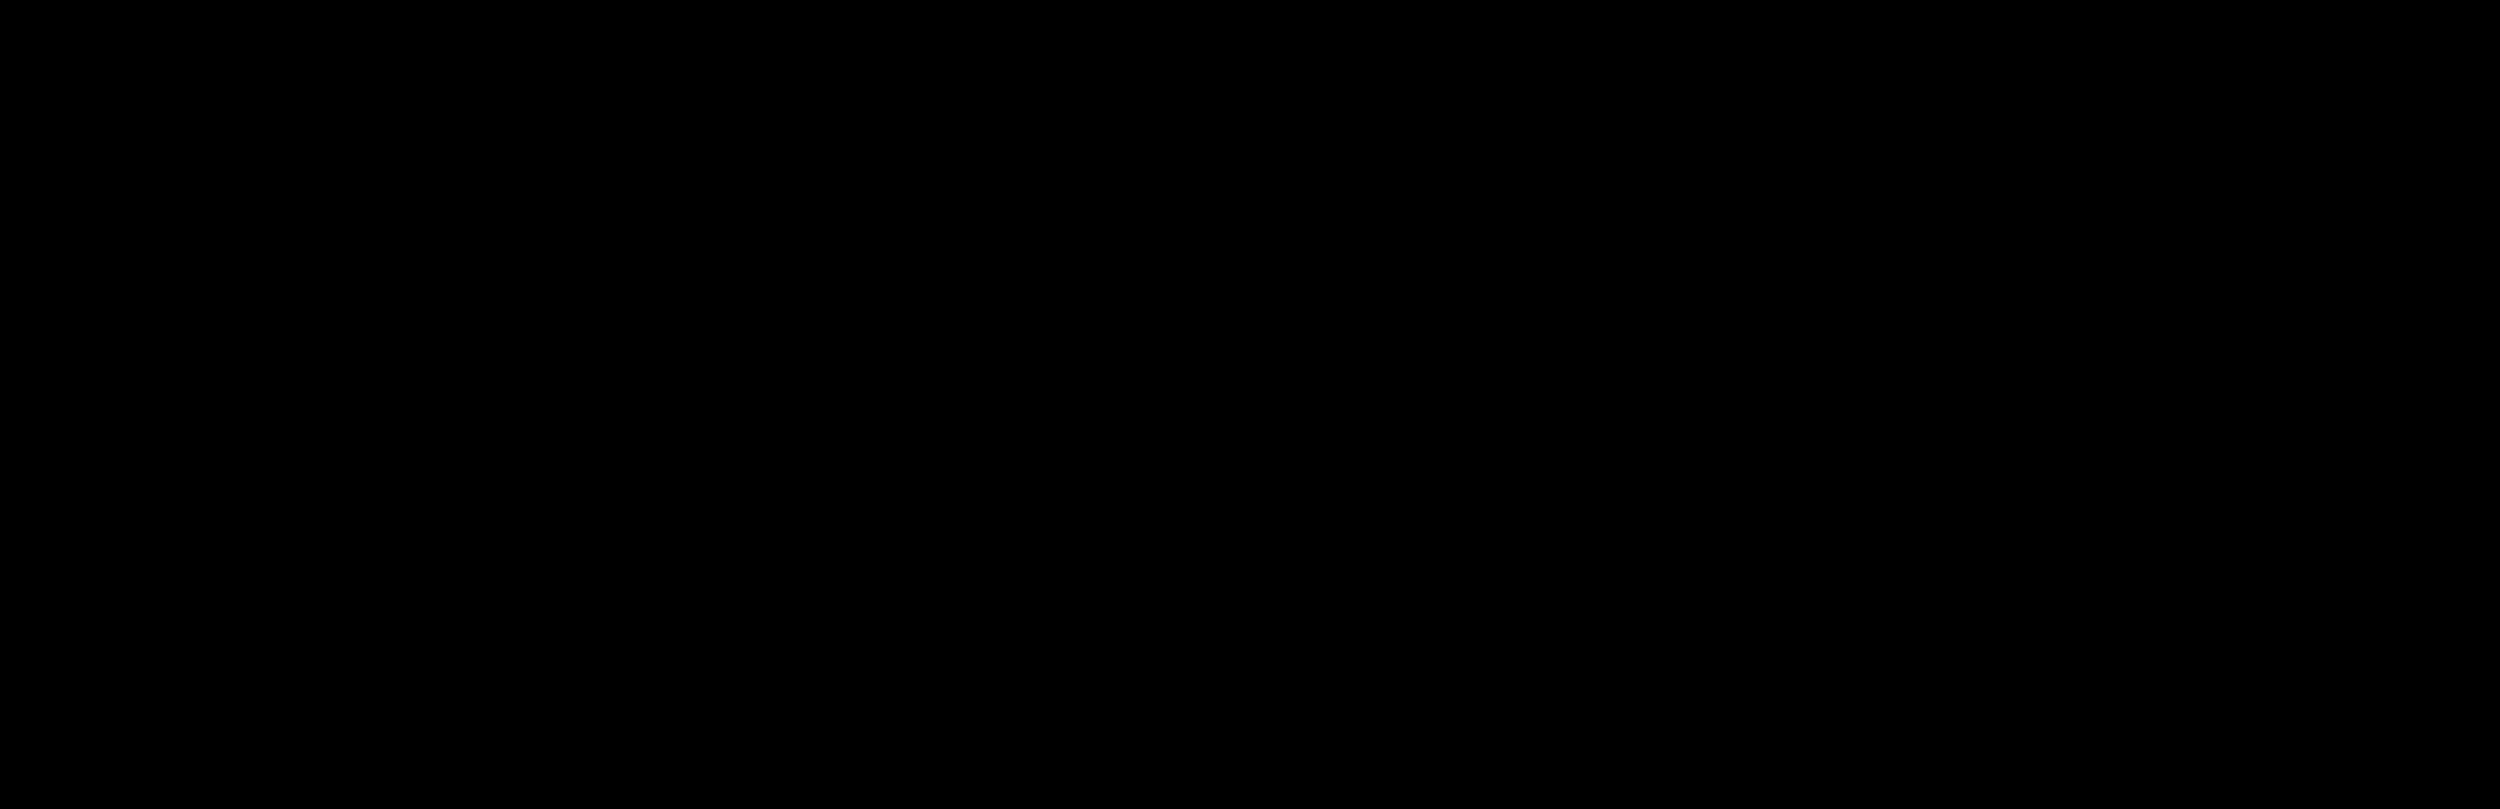 SPERLING DESIGNS full logo black  transparent.png